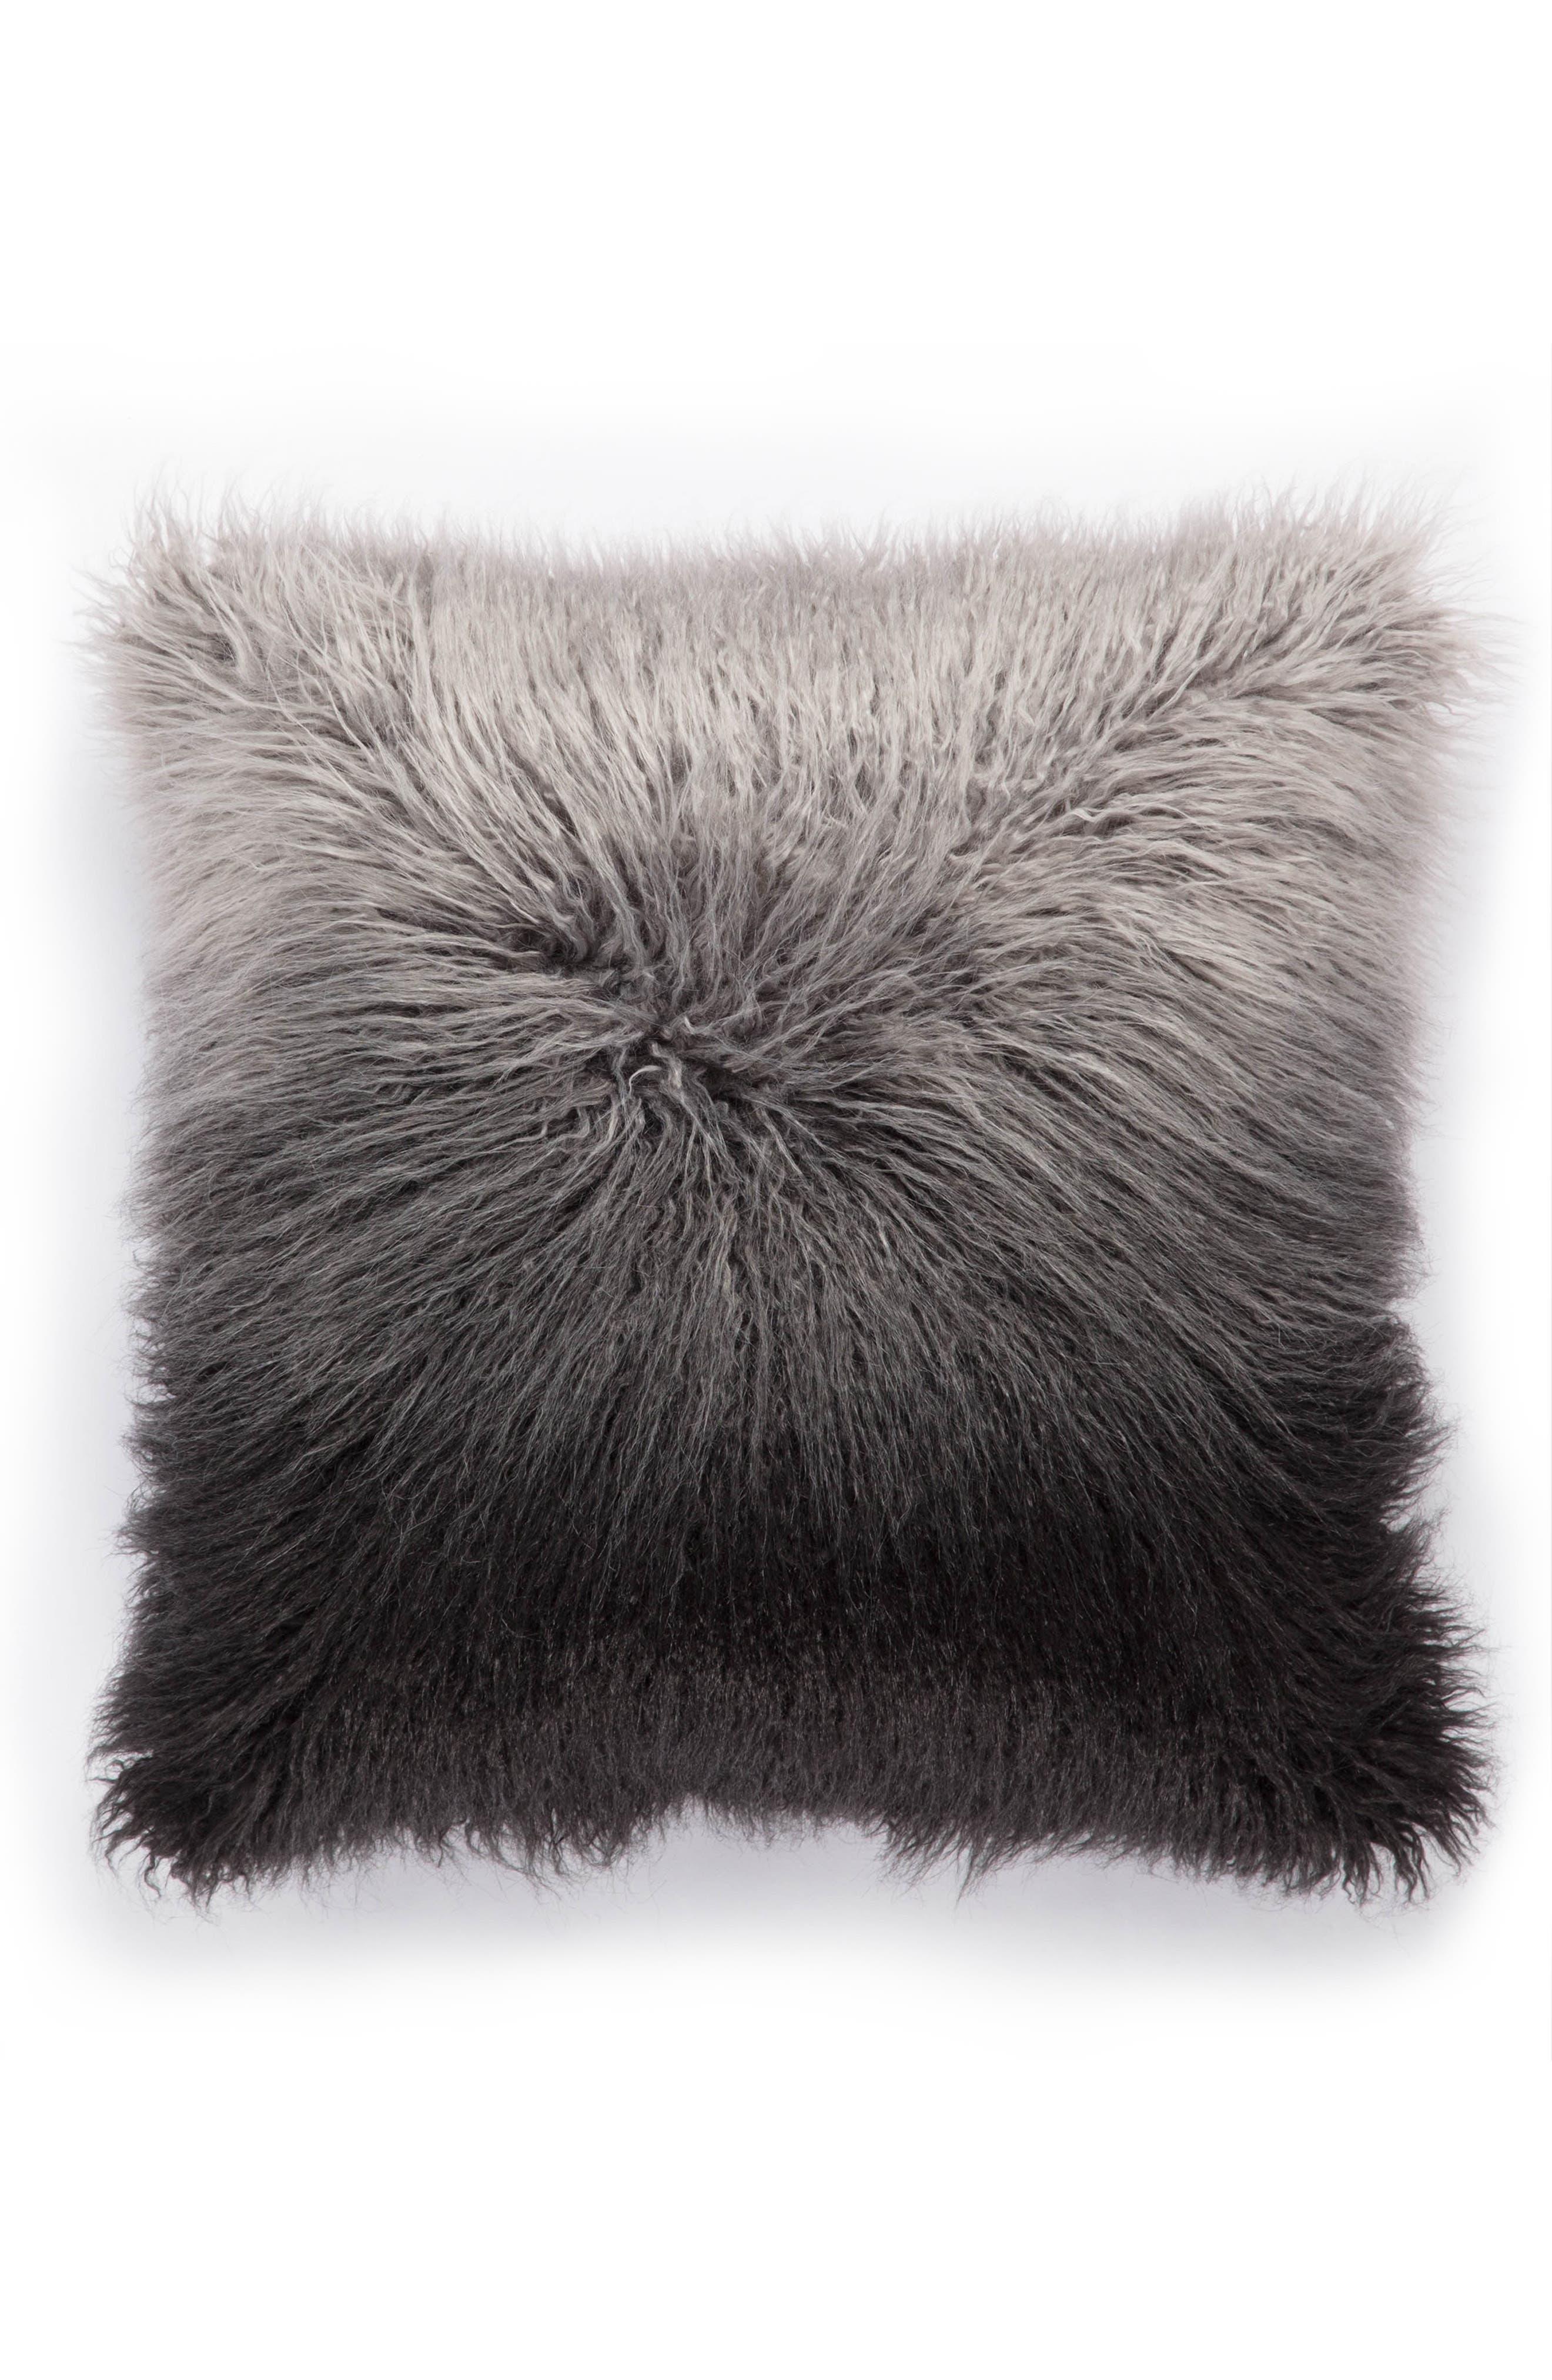 Mahal Faux Fur Accent Pillow,                             Main thumbnail 1, color,                             020